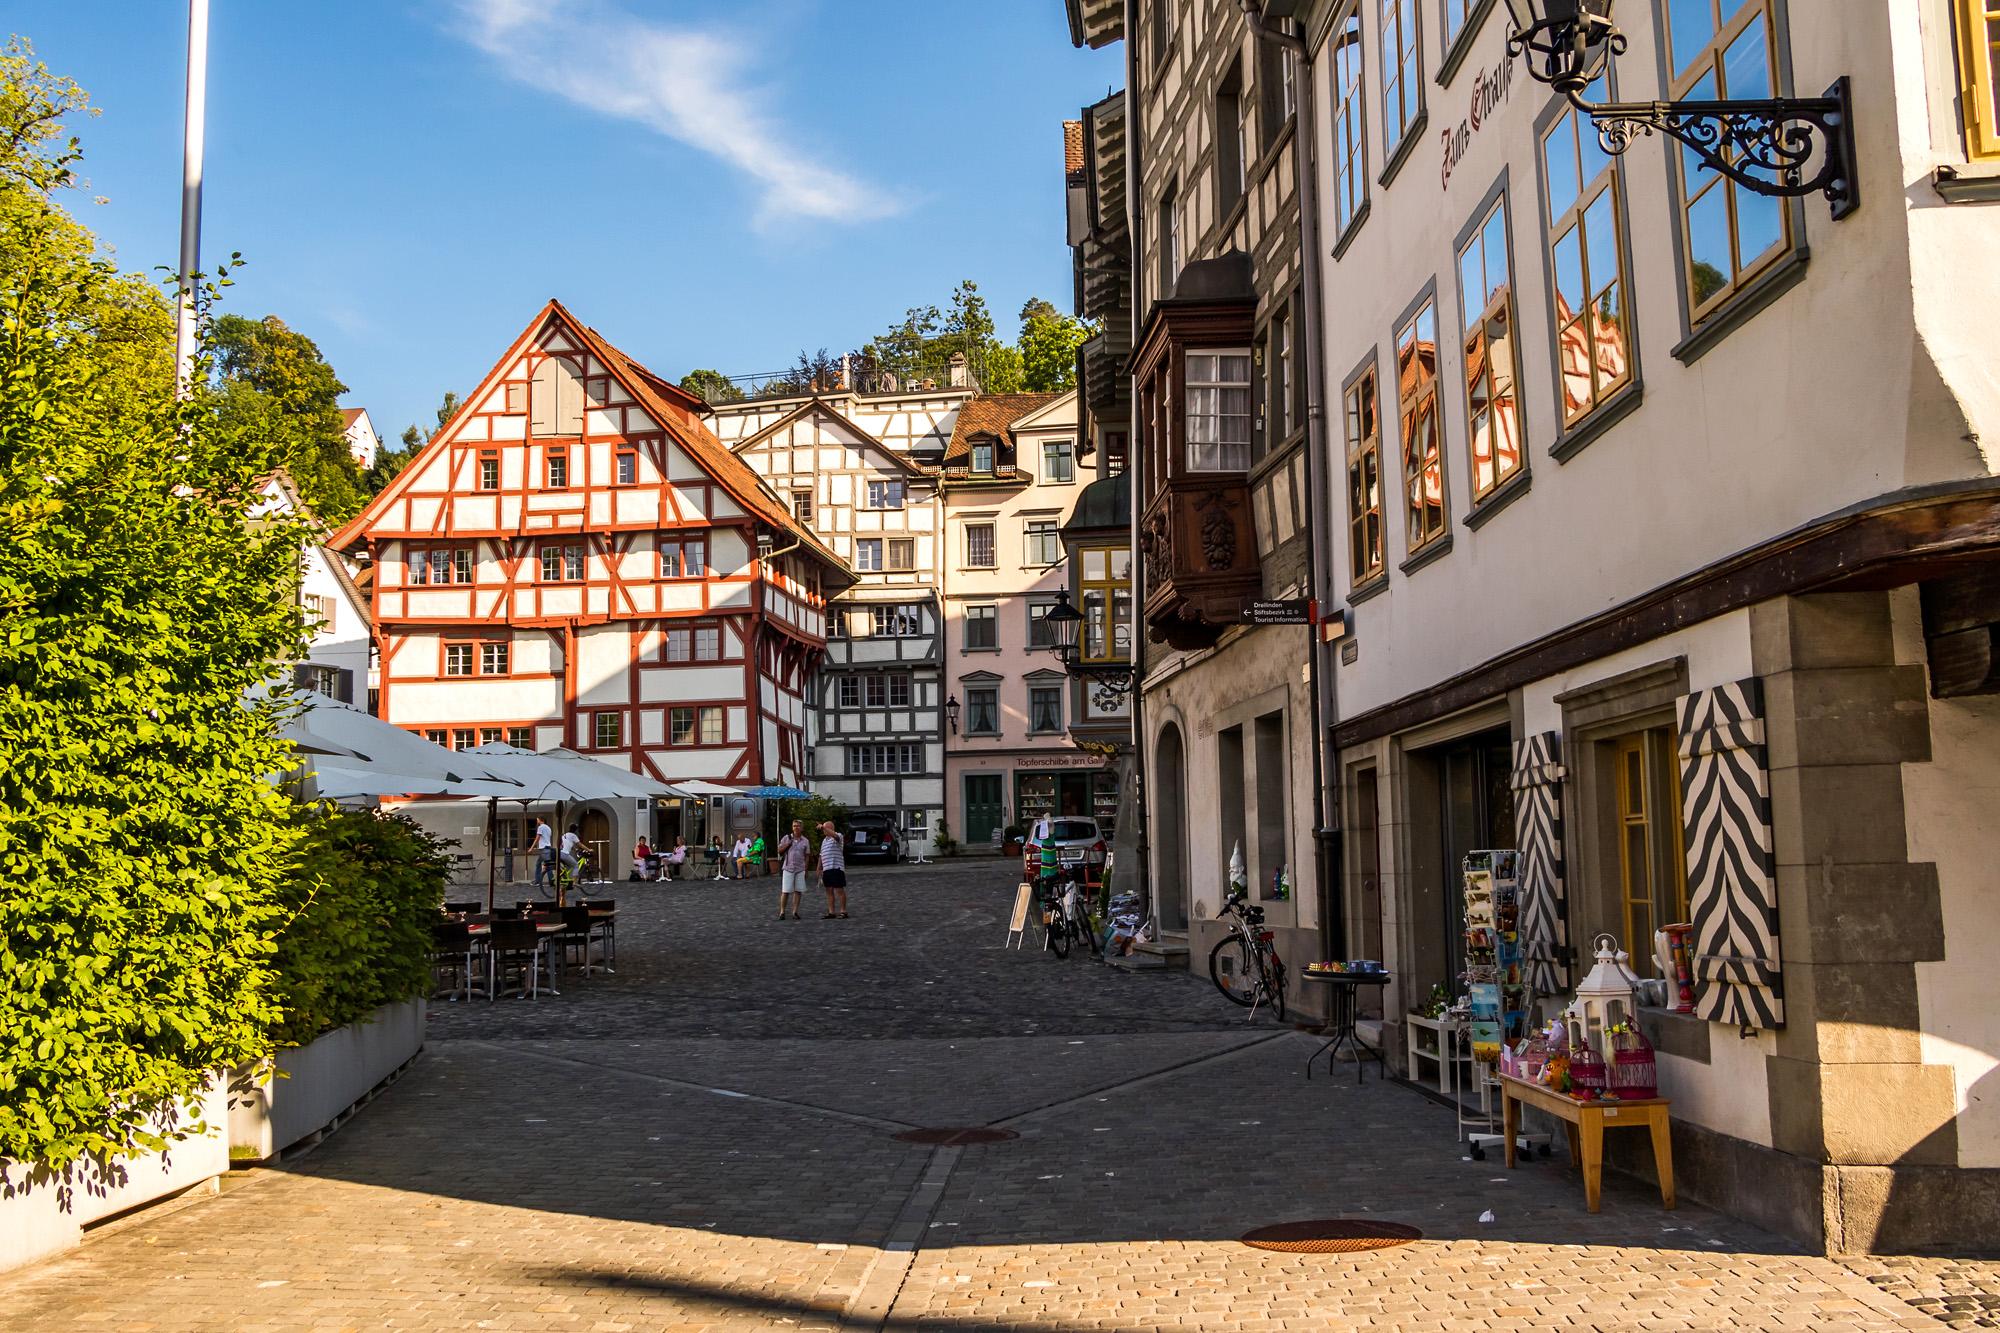 Blick zum Gallusplatz mit seinen spätgotischen Fachwerkhäusern